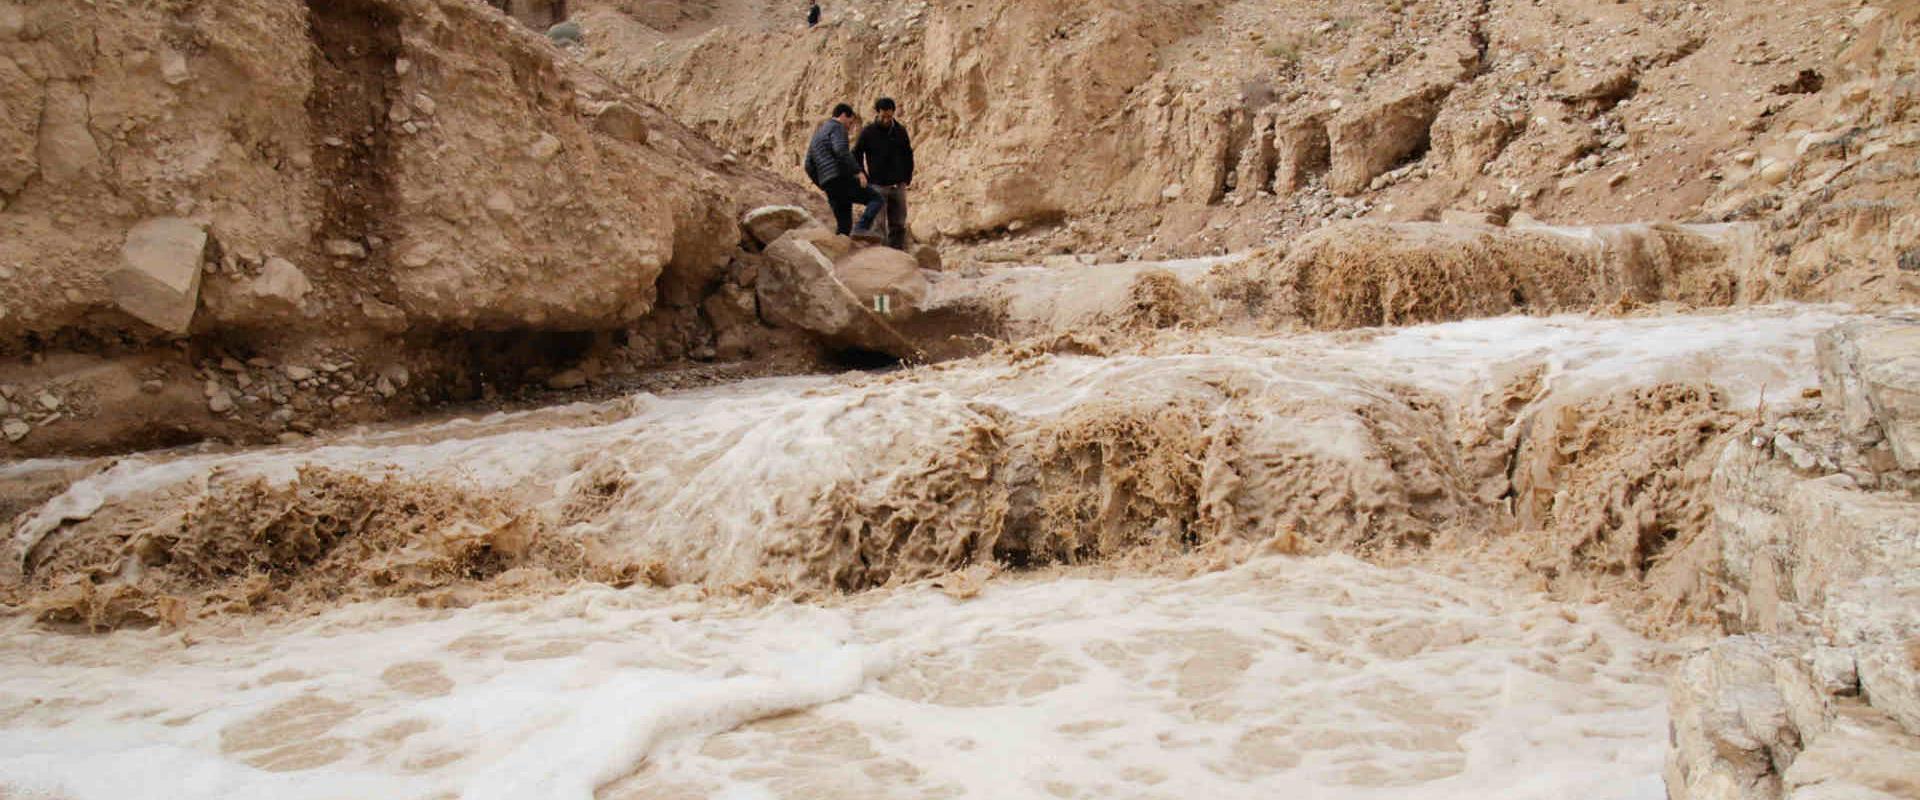 שטפונות במדבר יהודה